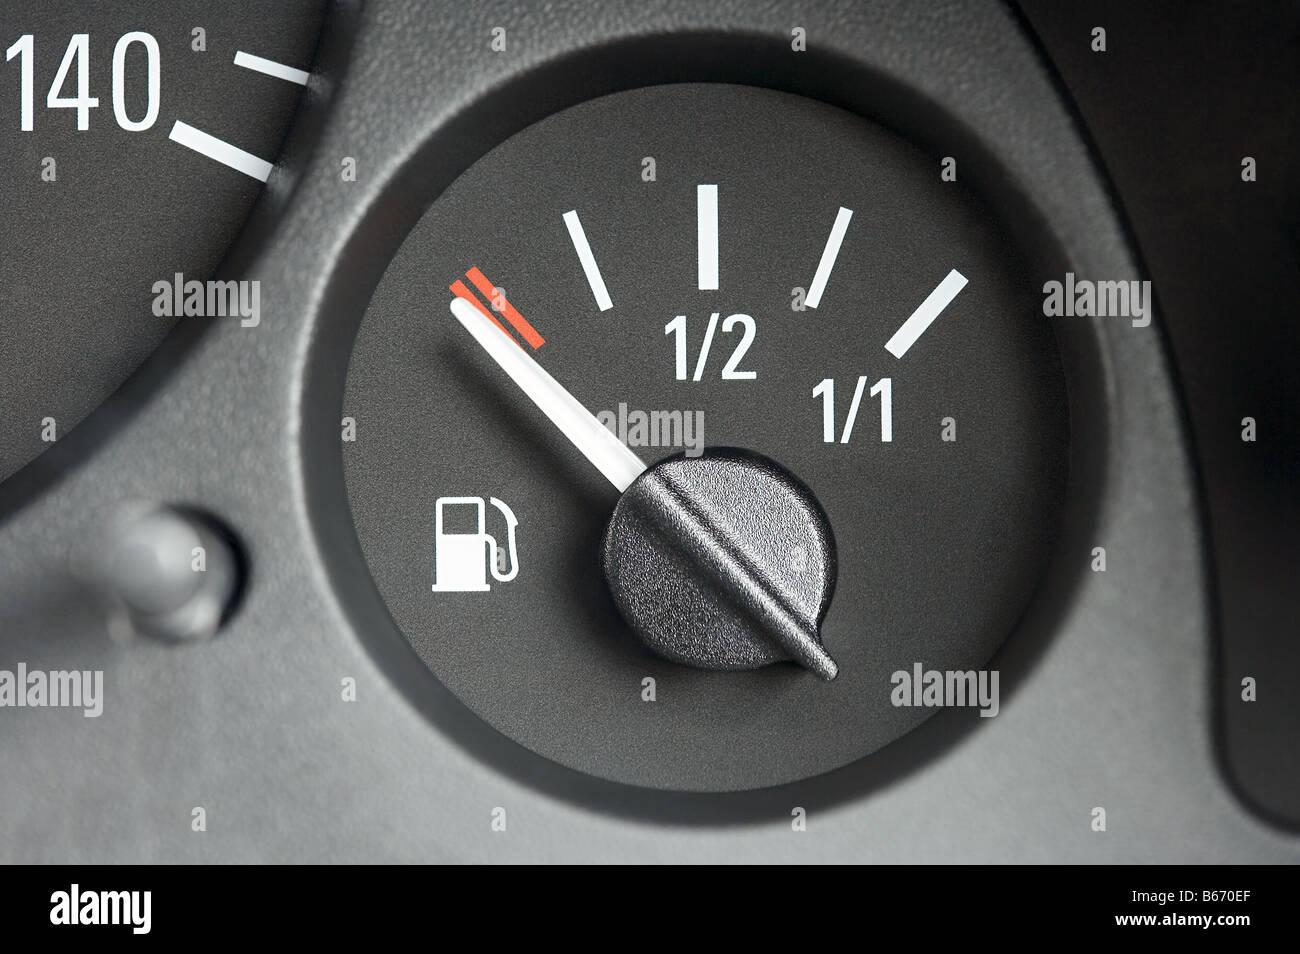 Fuel gauge - Stock Image